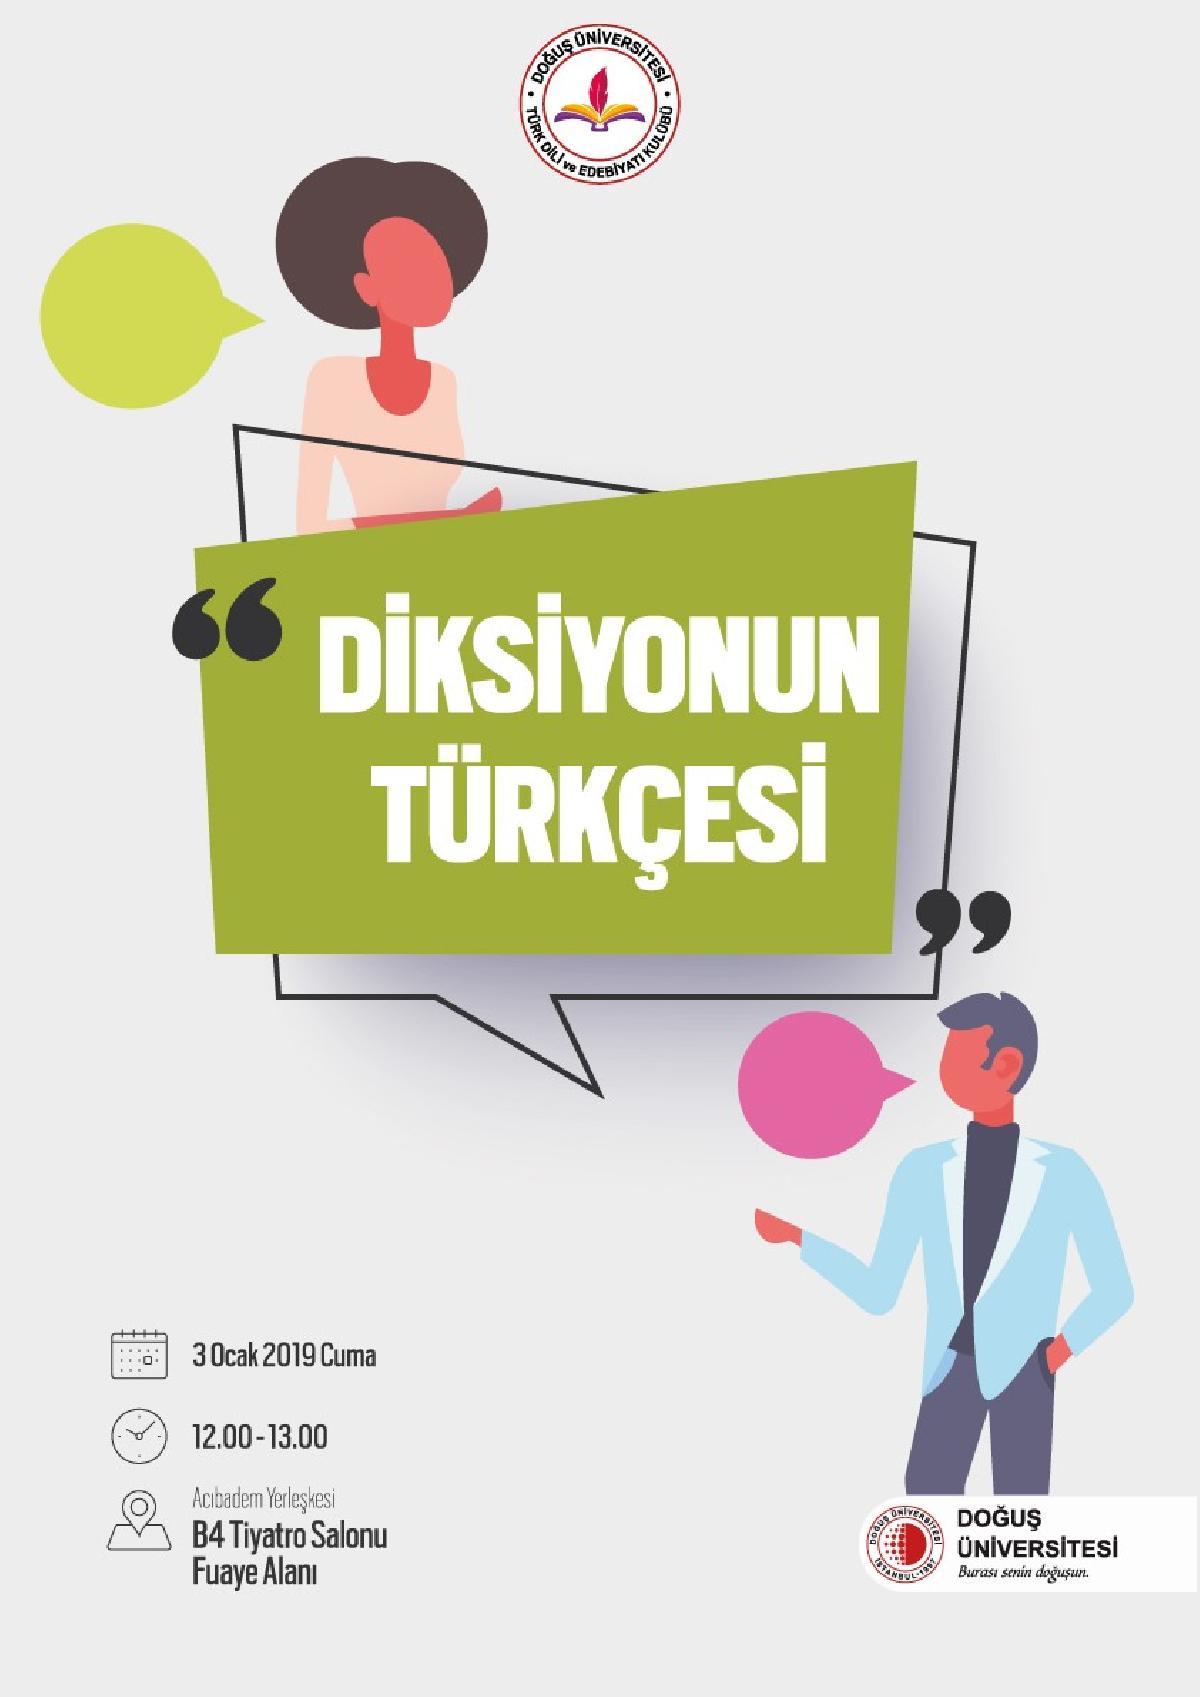 Türk Dili ve Edebiyatı Kulübü Diksiyonun Türkçesi